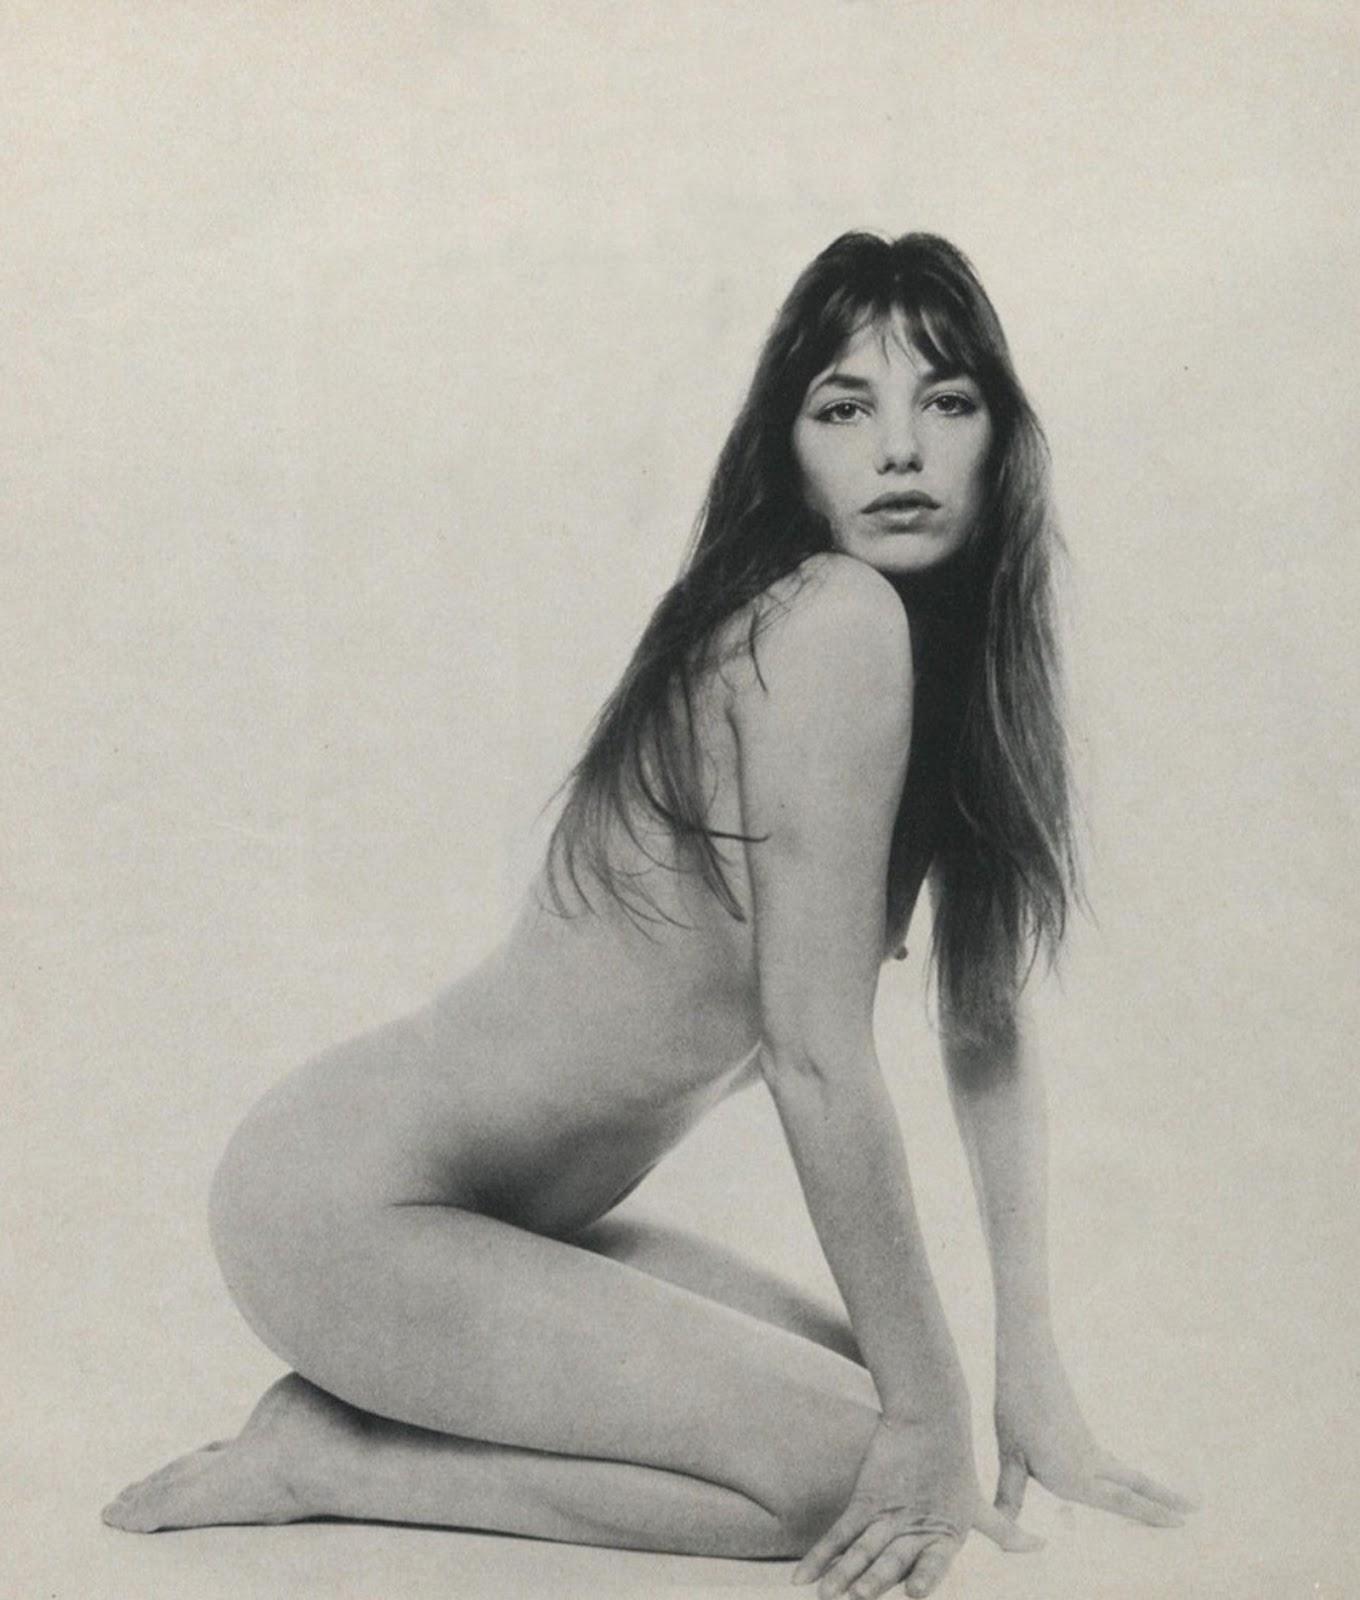 Swedish Bond Girl Bombshell Britt Ekland Naked